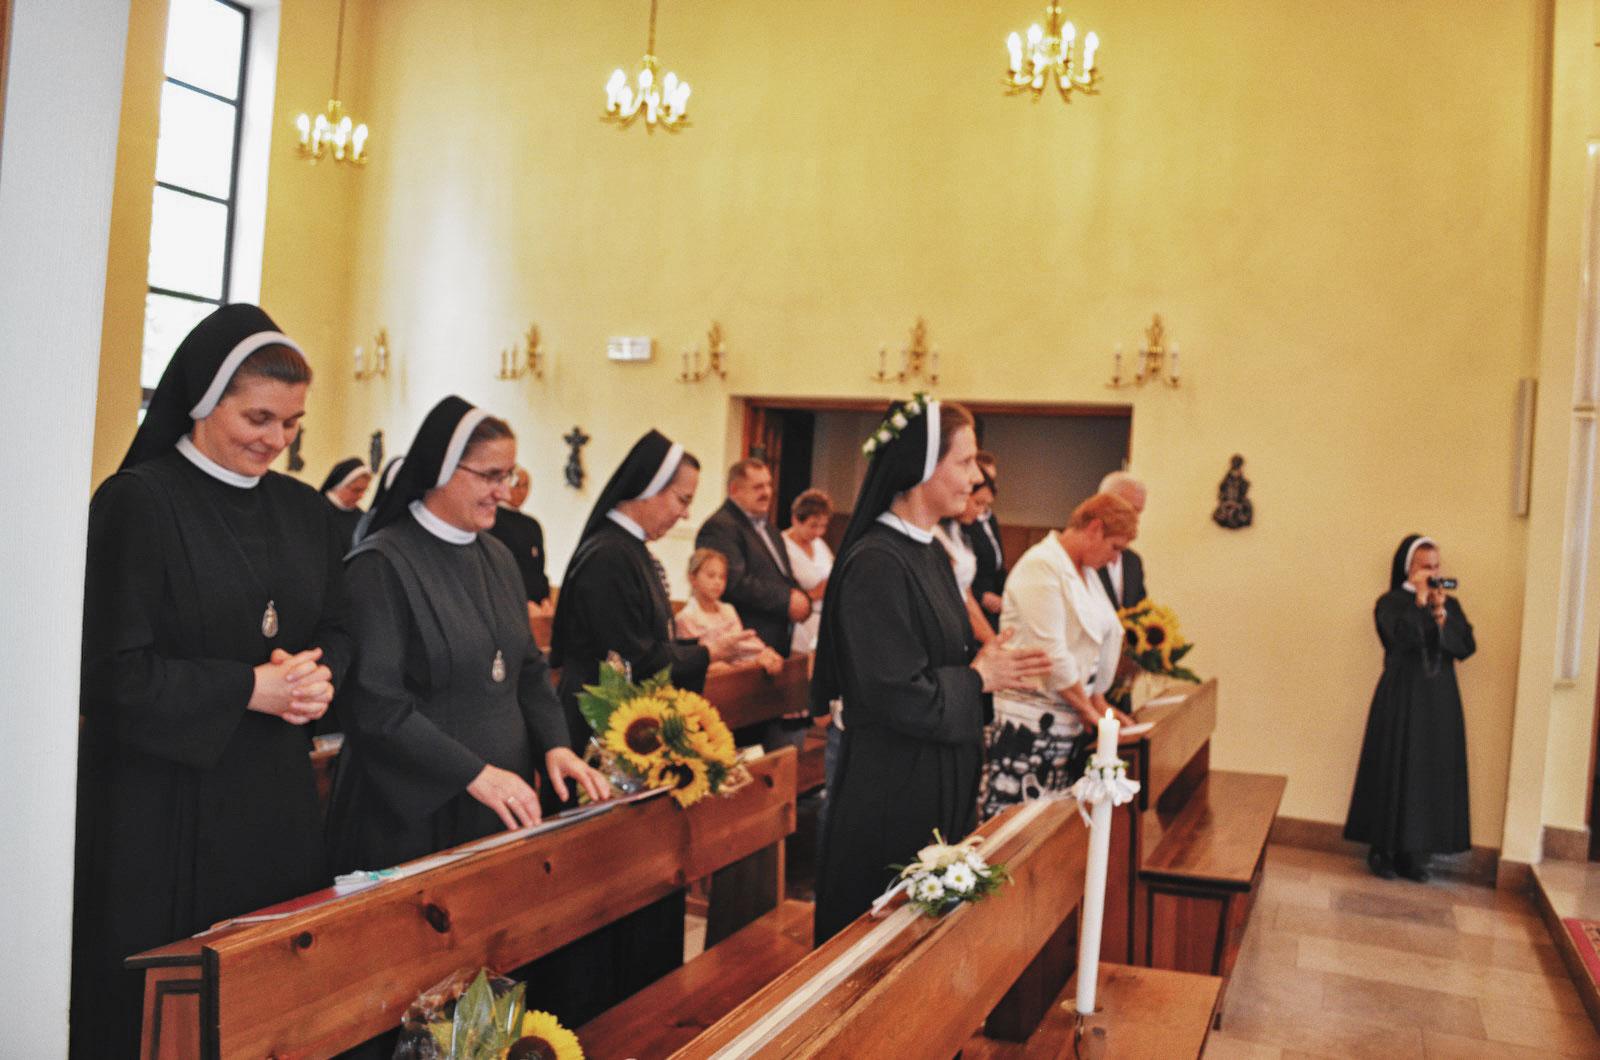 Sióstr_św_Elżbiety-Pierwsze_Śluby_fotorelacja-I-SLUBY-DSC_0597-min.jpg